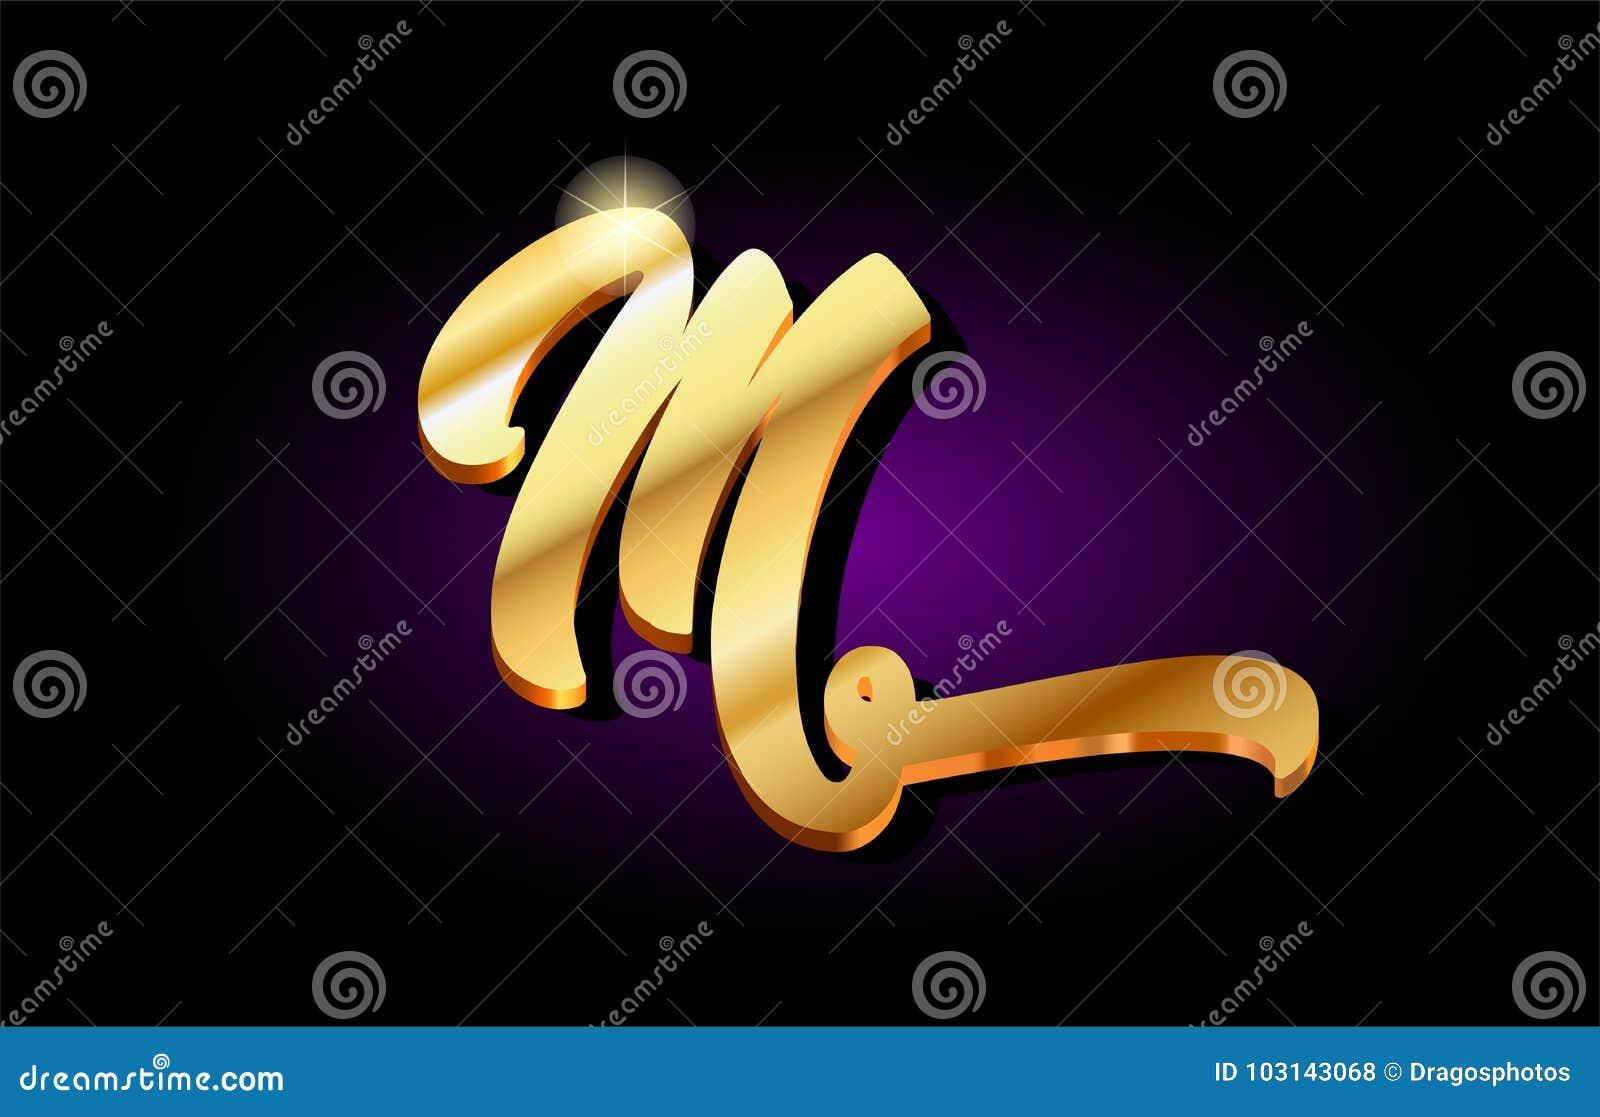 M Alphabet Letter Golden 3d Logo Icon Design Stock Vector